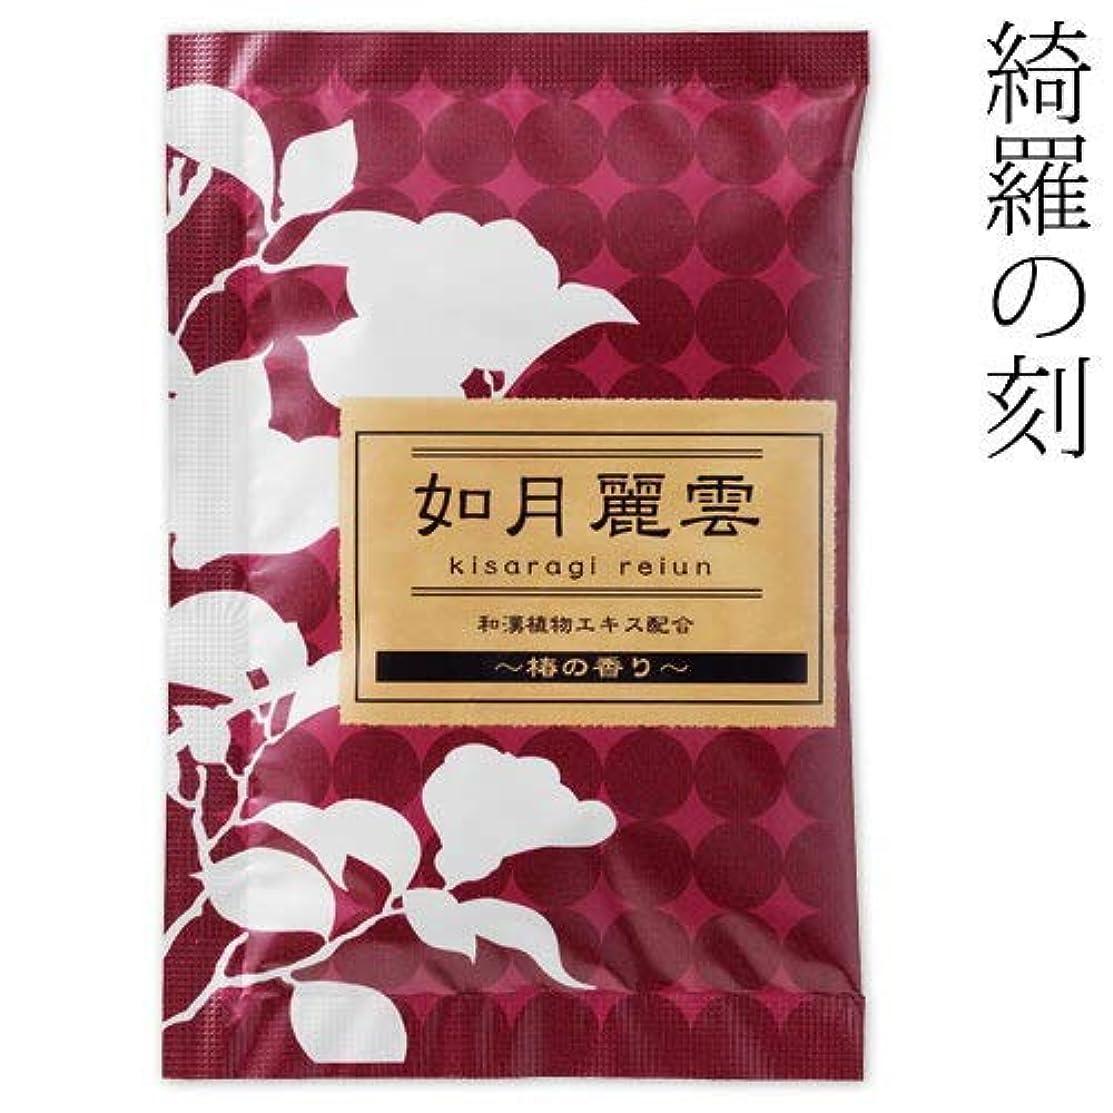 肌寒い地上ではしご入浴剤綺羅の刻椿の香り如月麗雲1包石川県のお風呂グッズBath additive, Ishikawa craft